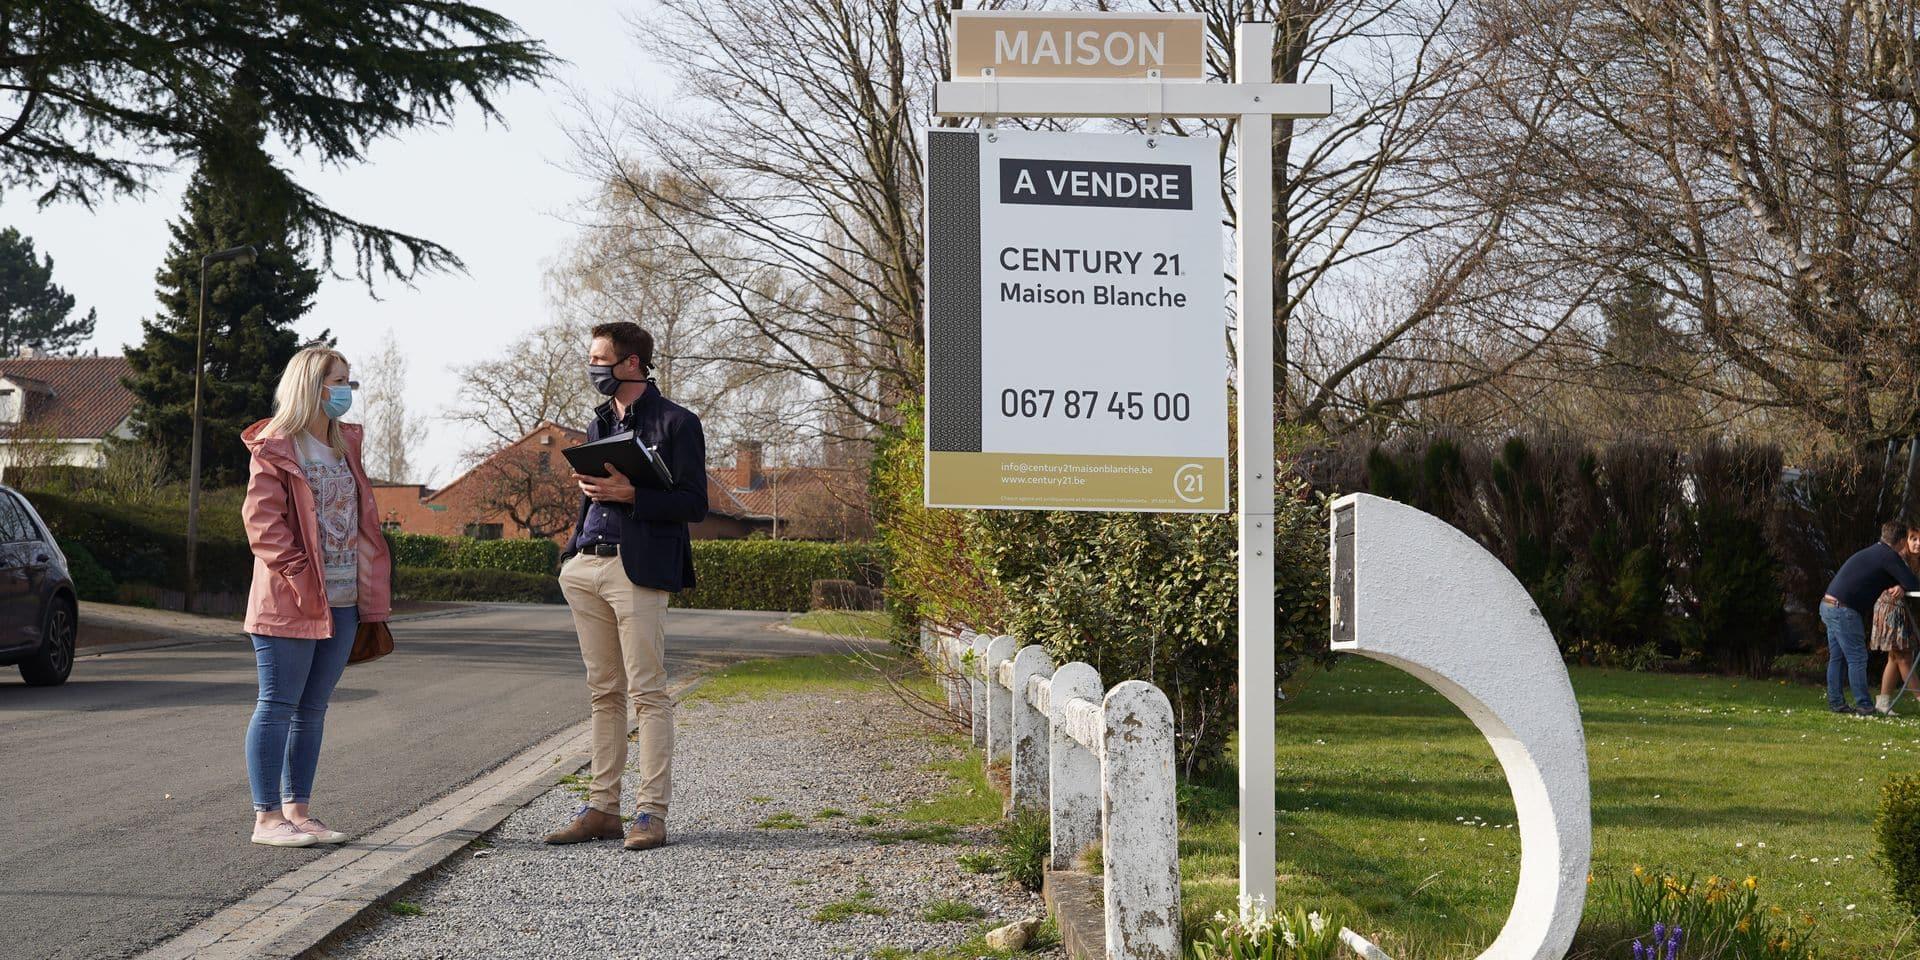 Folie sur le marché immobilier en Brabant wallon: la galère des acheteurs